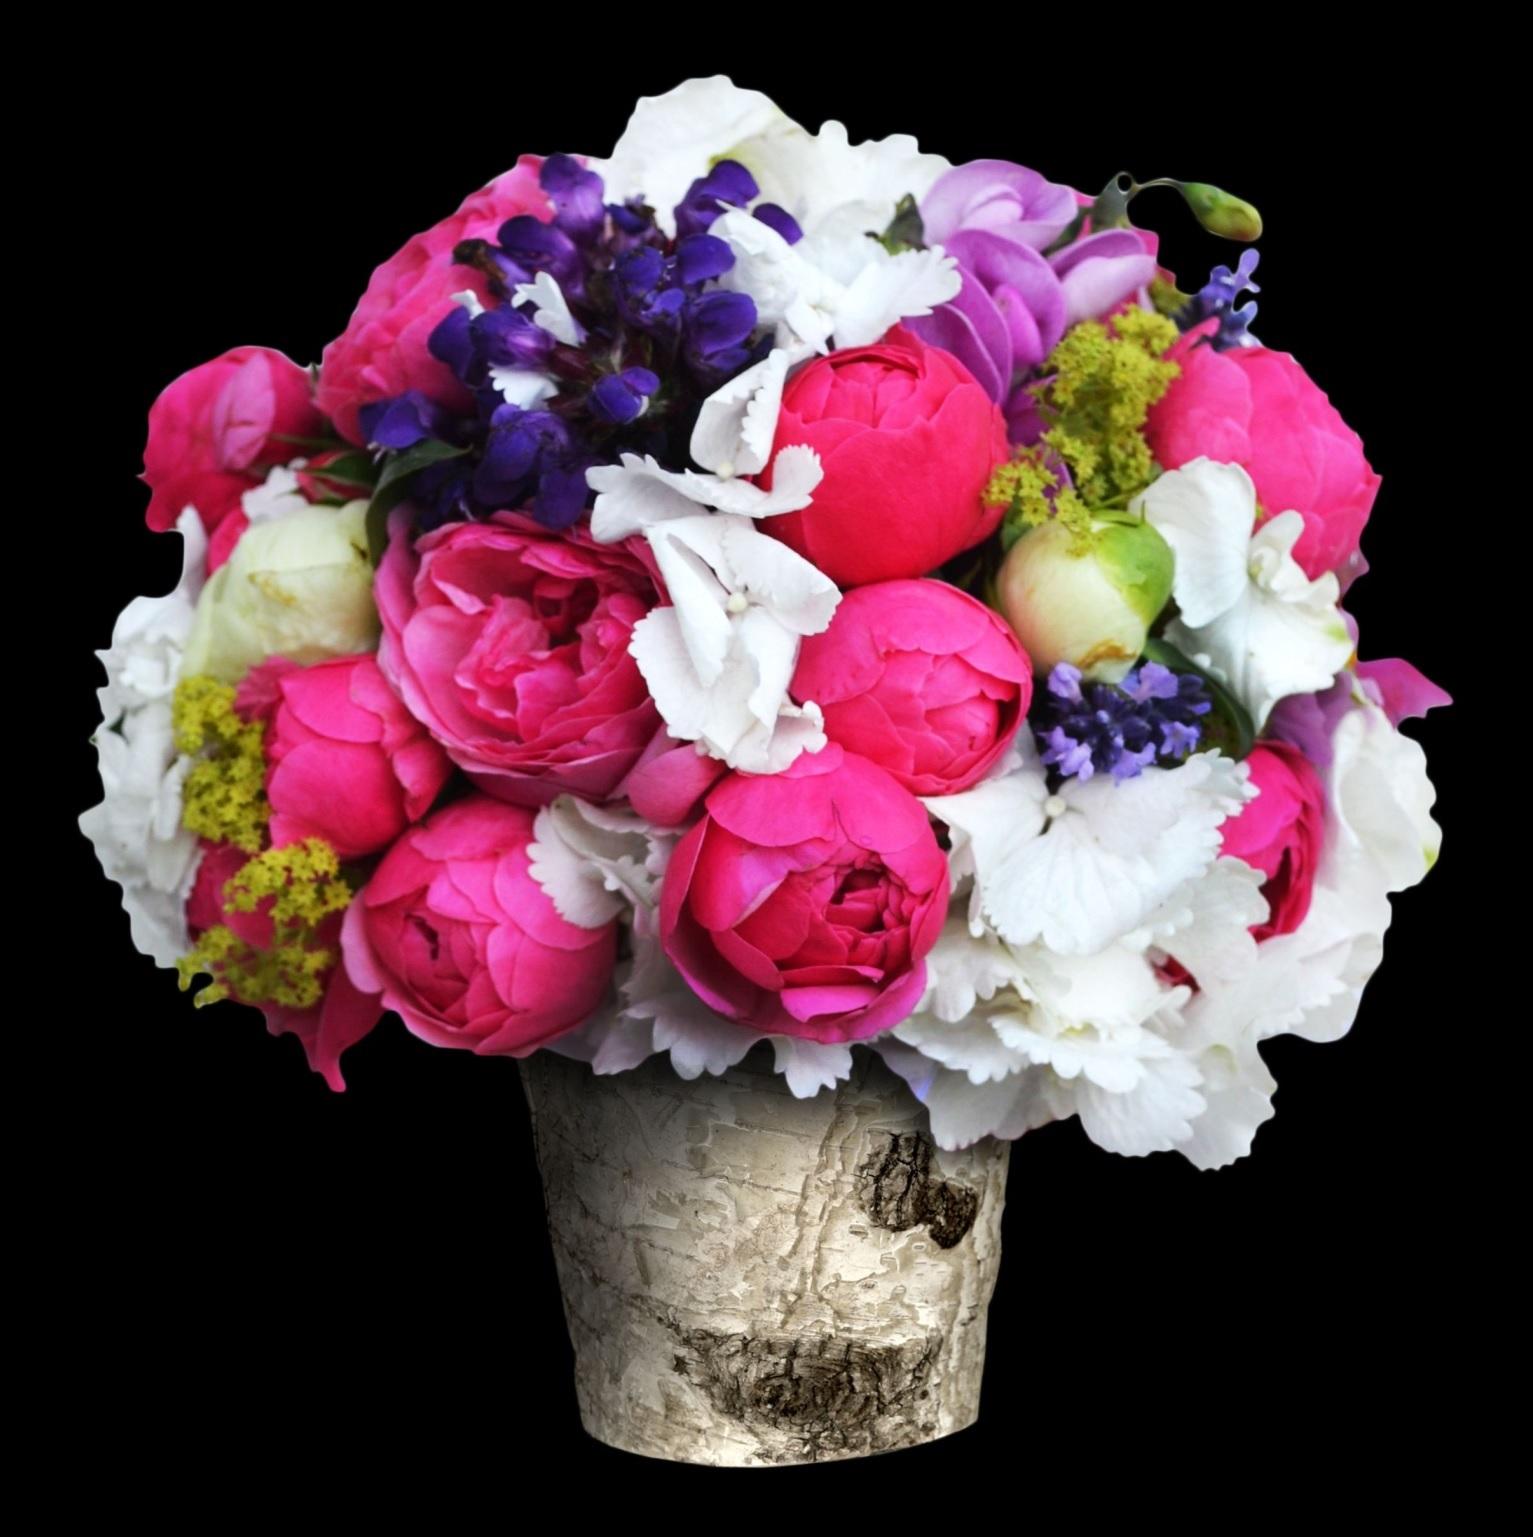 kulatá svatební kytice z hortenzií růží pomponek